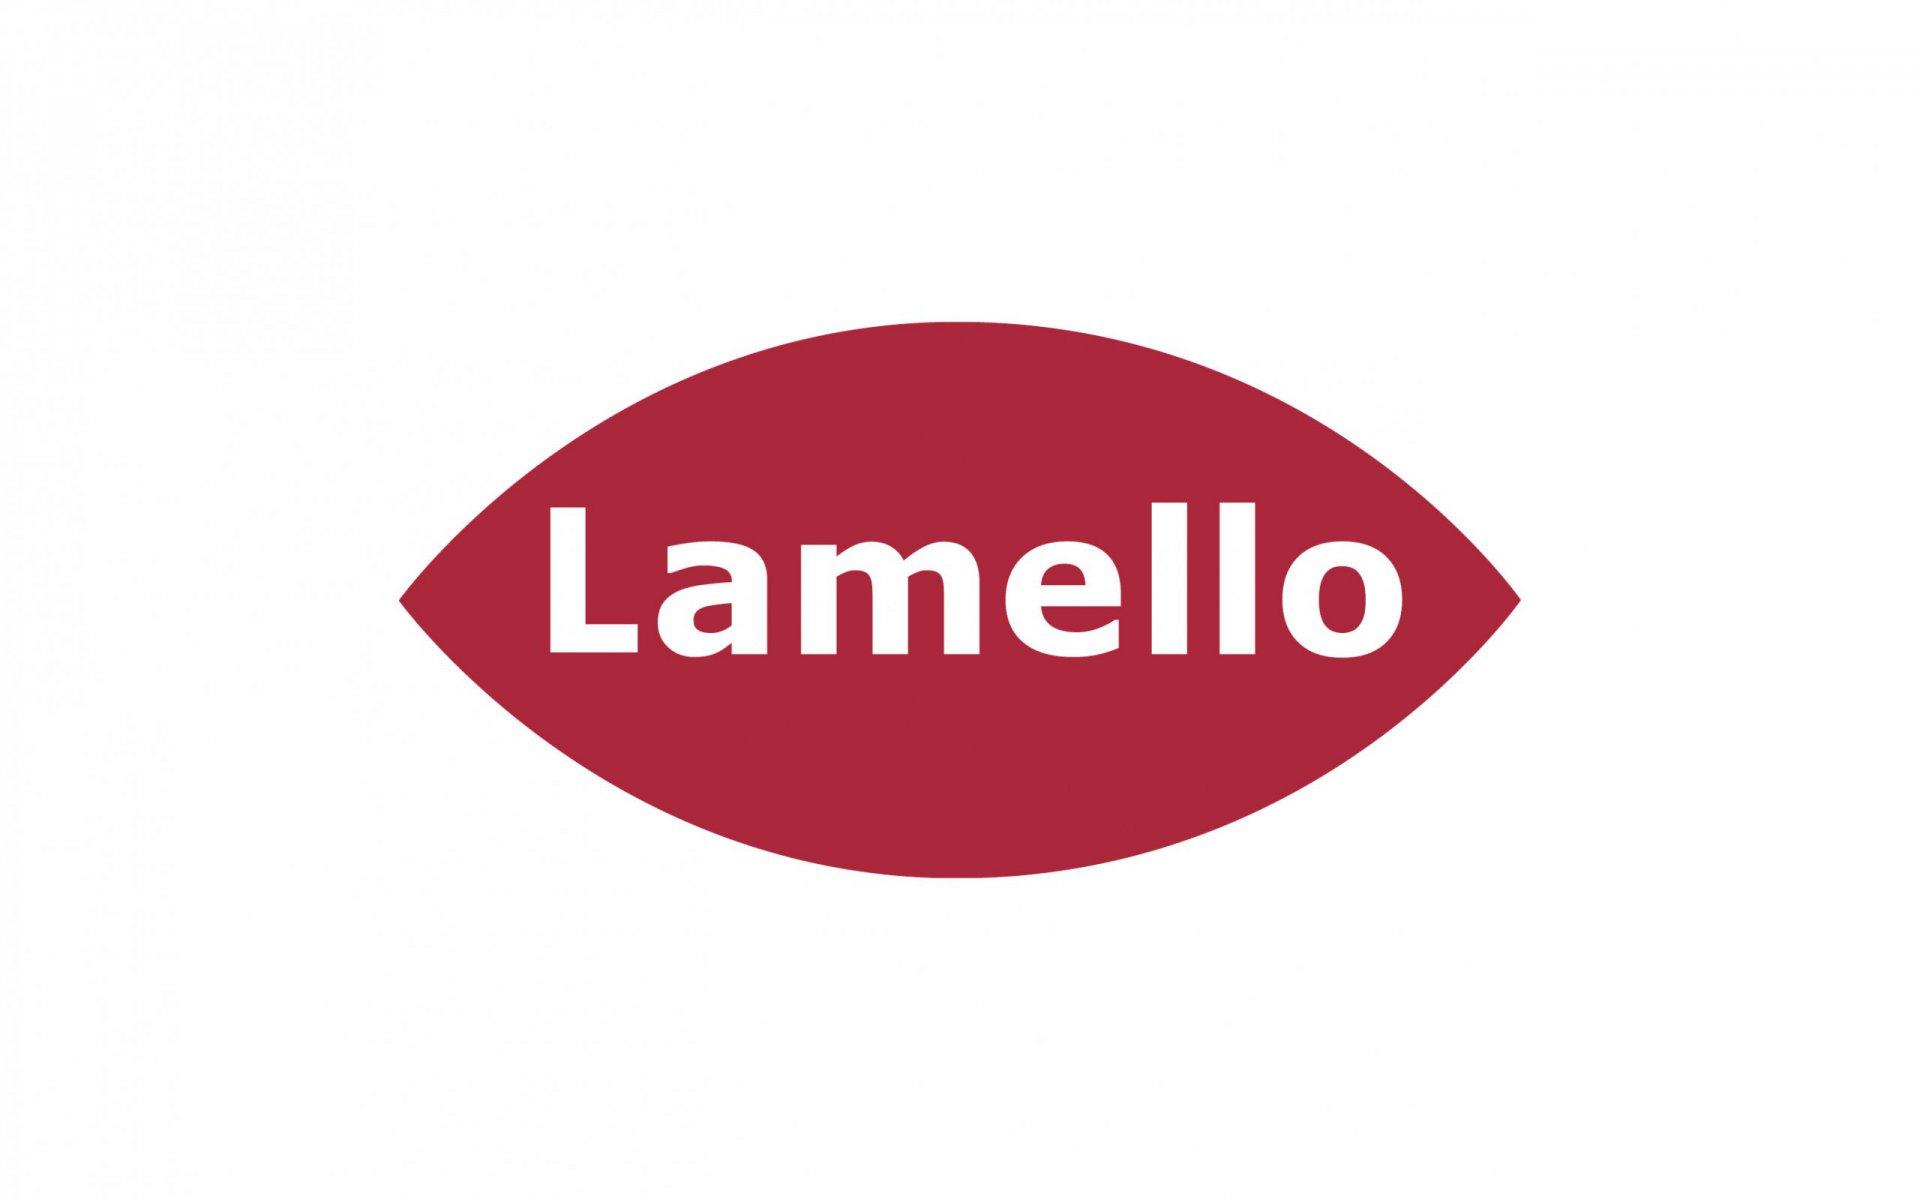 Lamello-logotyp